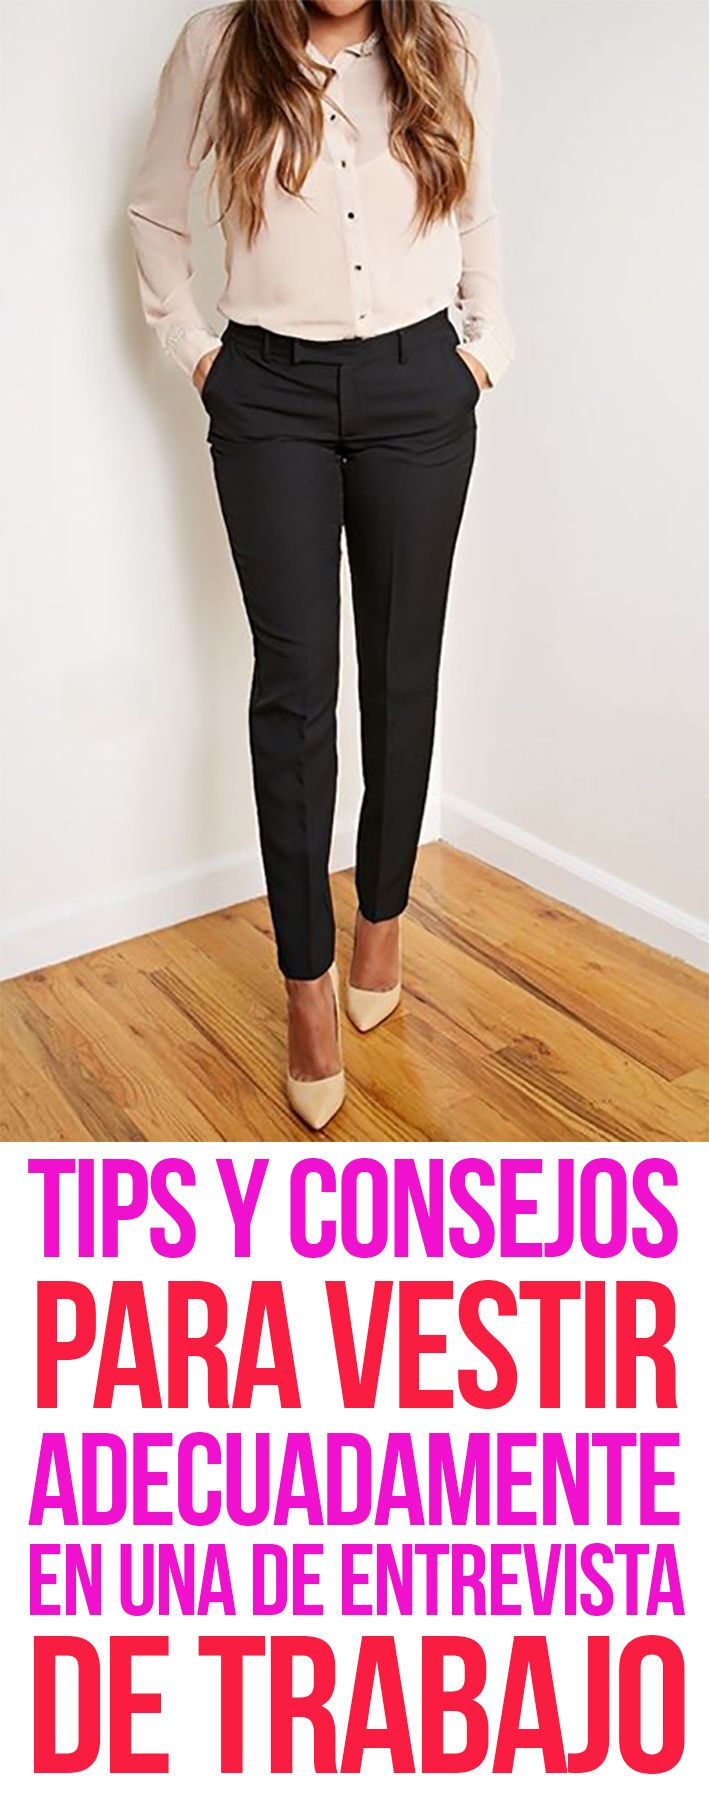 Tips Consejos Para Vestir Adecuadamente En Una Entrevista De